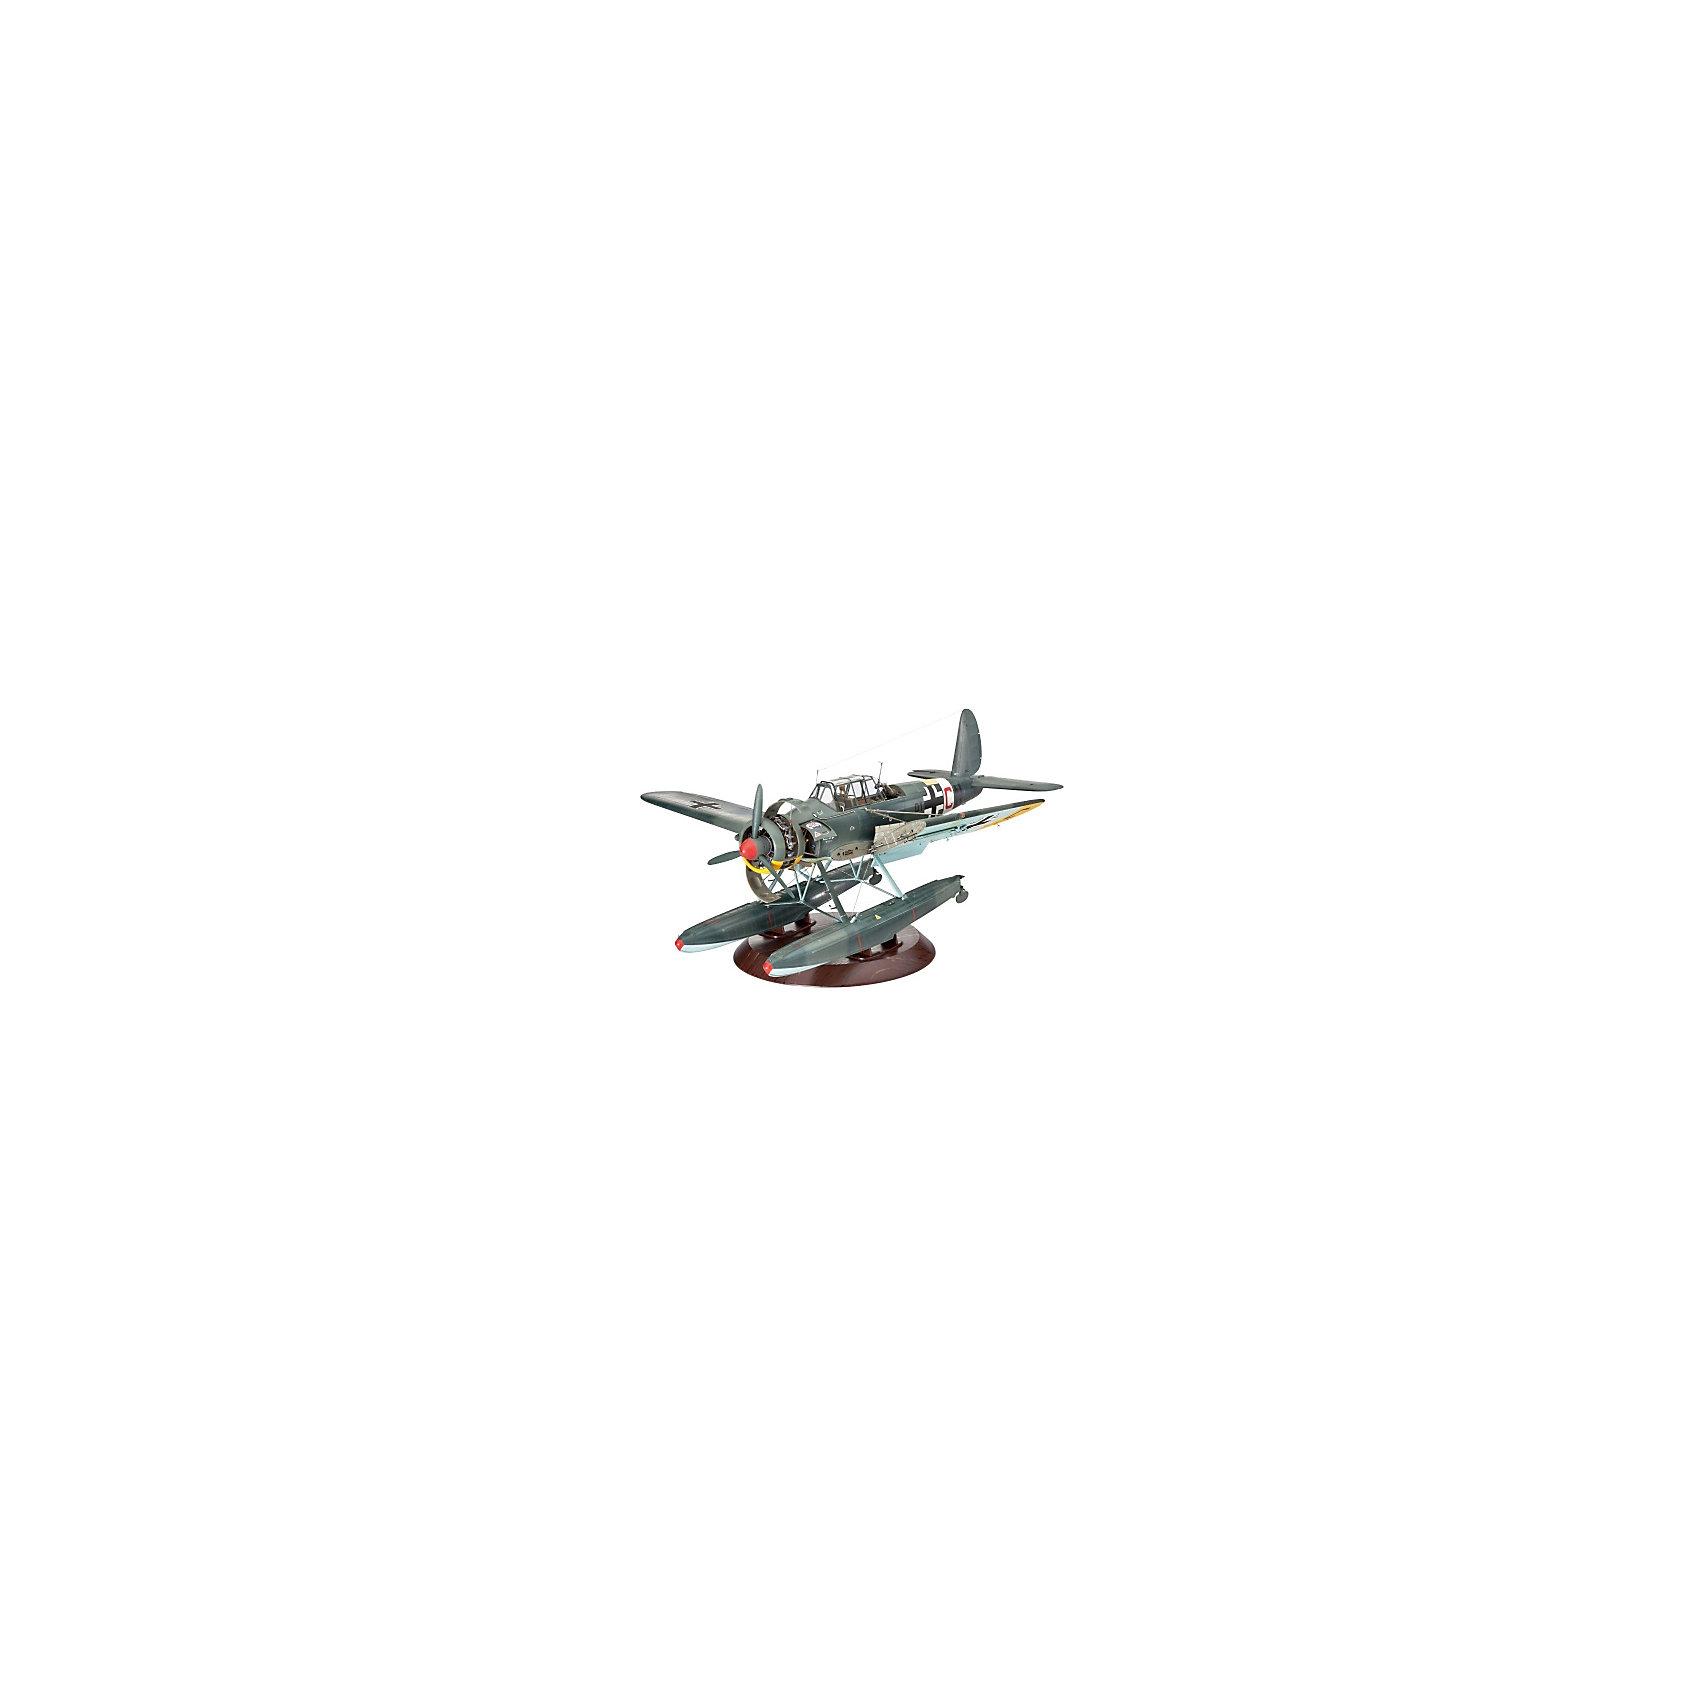 """Гидросамолет Arado 196 A-3, 2-ая МВ, немецкийМодели для склеивания<br>Arado Ar 196  — немецкий гидросамолет-разведчик Второй мировой. Всего было произведено 451 самолет. Модификация Arado Ar 196 A-3 отличалась трёхлопастным винтом и новой формой поплавков. После войны трофейные """"Арадо"""" активно использовались в СССР. Основное применение эти самолеты нашли в авиационных погранотрядах. <br><br>Внимание!  Данная модель не собрана! Для ее сборки и покраски вам понадобятся клей и краски. Эти расходные материалы не входят в комплект и приобретаются отдельно.  Рекомендуется использовать специальный модельный клей для пластика, а также акриловые или эмалевые акриловые  и   эмалевые краски Revell. <br><br>Масштаб: 1:72 <br>Количество деталей:43 <br>Длина модели: 153 мм <br>Размах крыльев: 174 мм <br>Уровень сложности: 3 <br>Краски и клей в комплект не входят.<br><br>Ширина мм: 9999<br>Глубина мм: 9999<br>Высота мм: 9999<br>Вес г: 9999<br>Возраст от месяцев: 120<br>Возраст до месяцев: 2147483647<br>Пол: Мужской<br>Возраст: Детский<br>SKU: 7122375"""